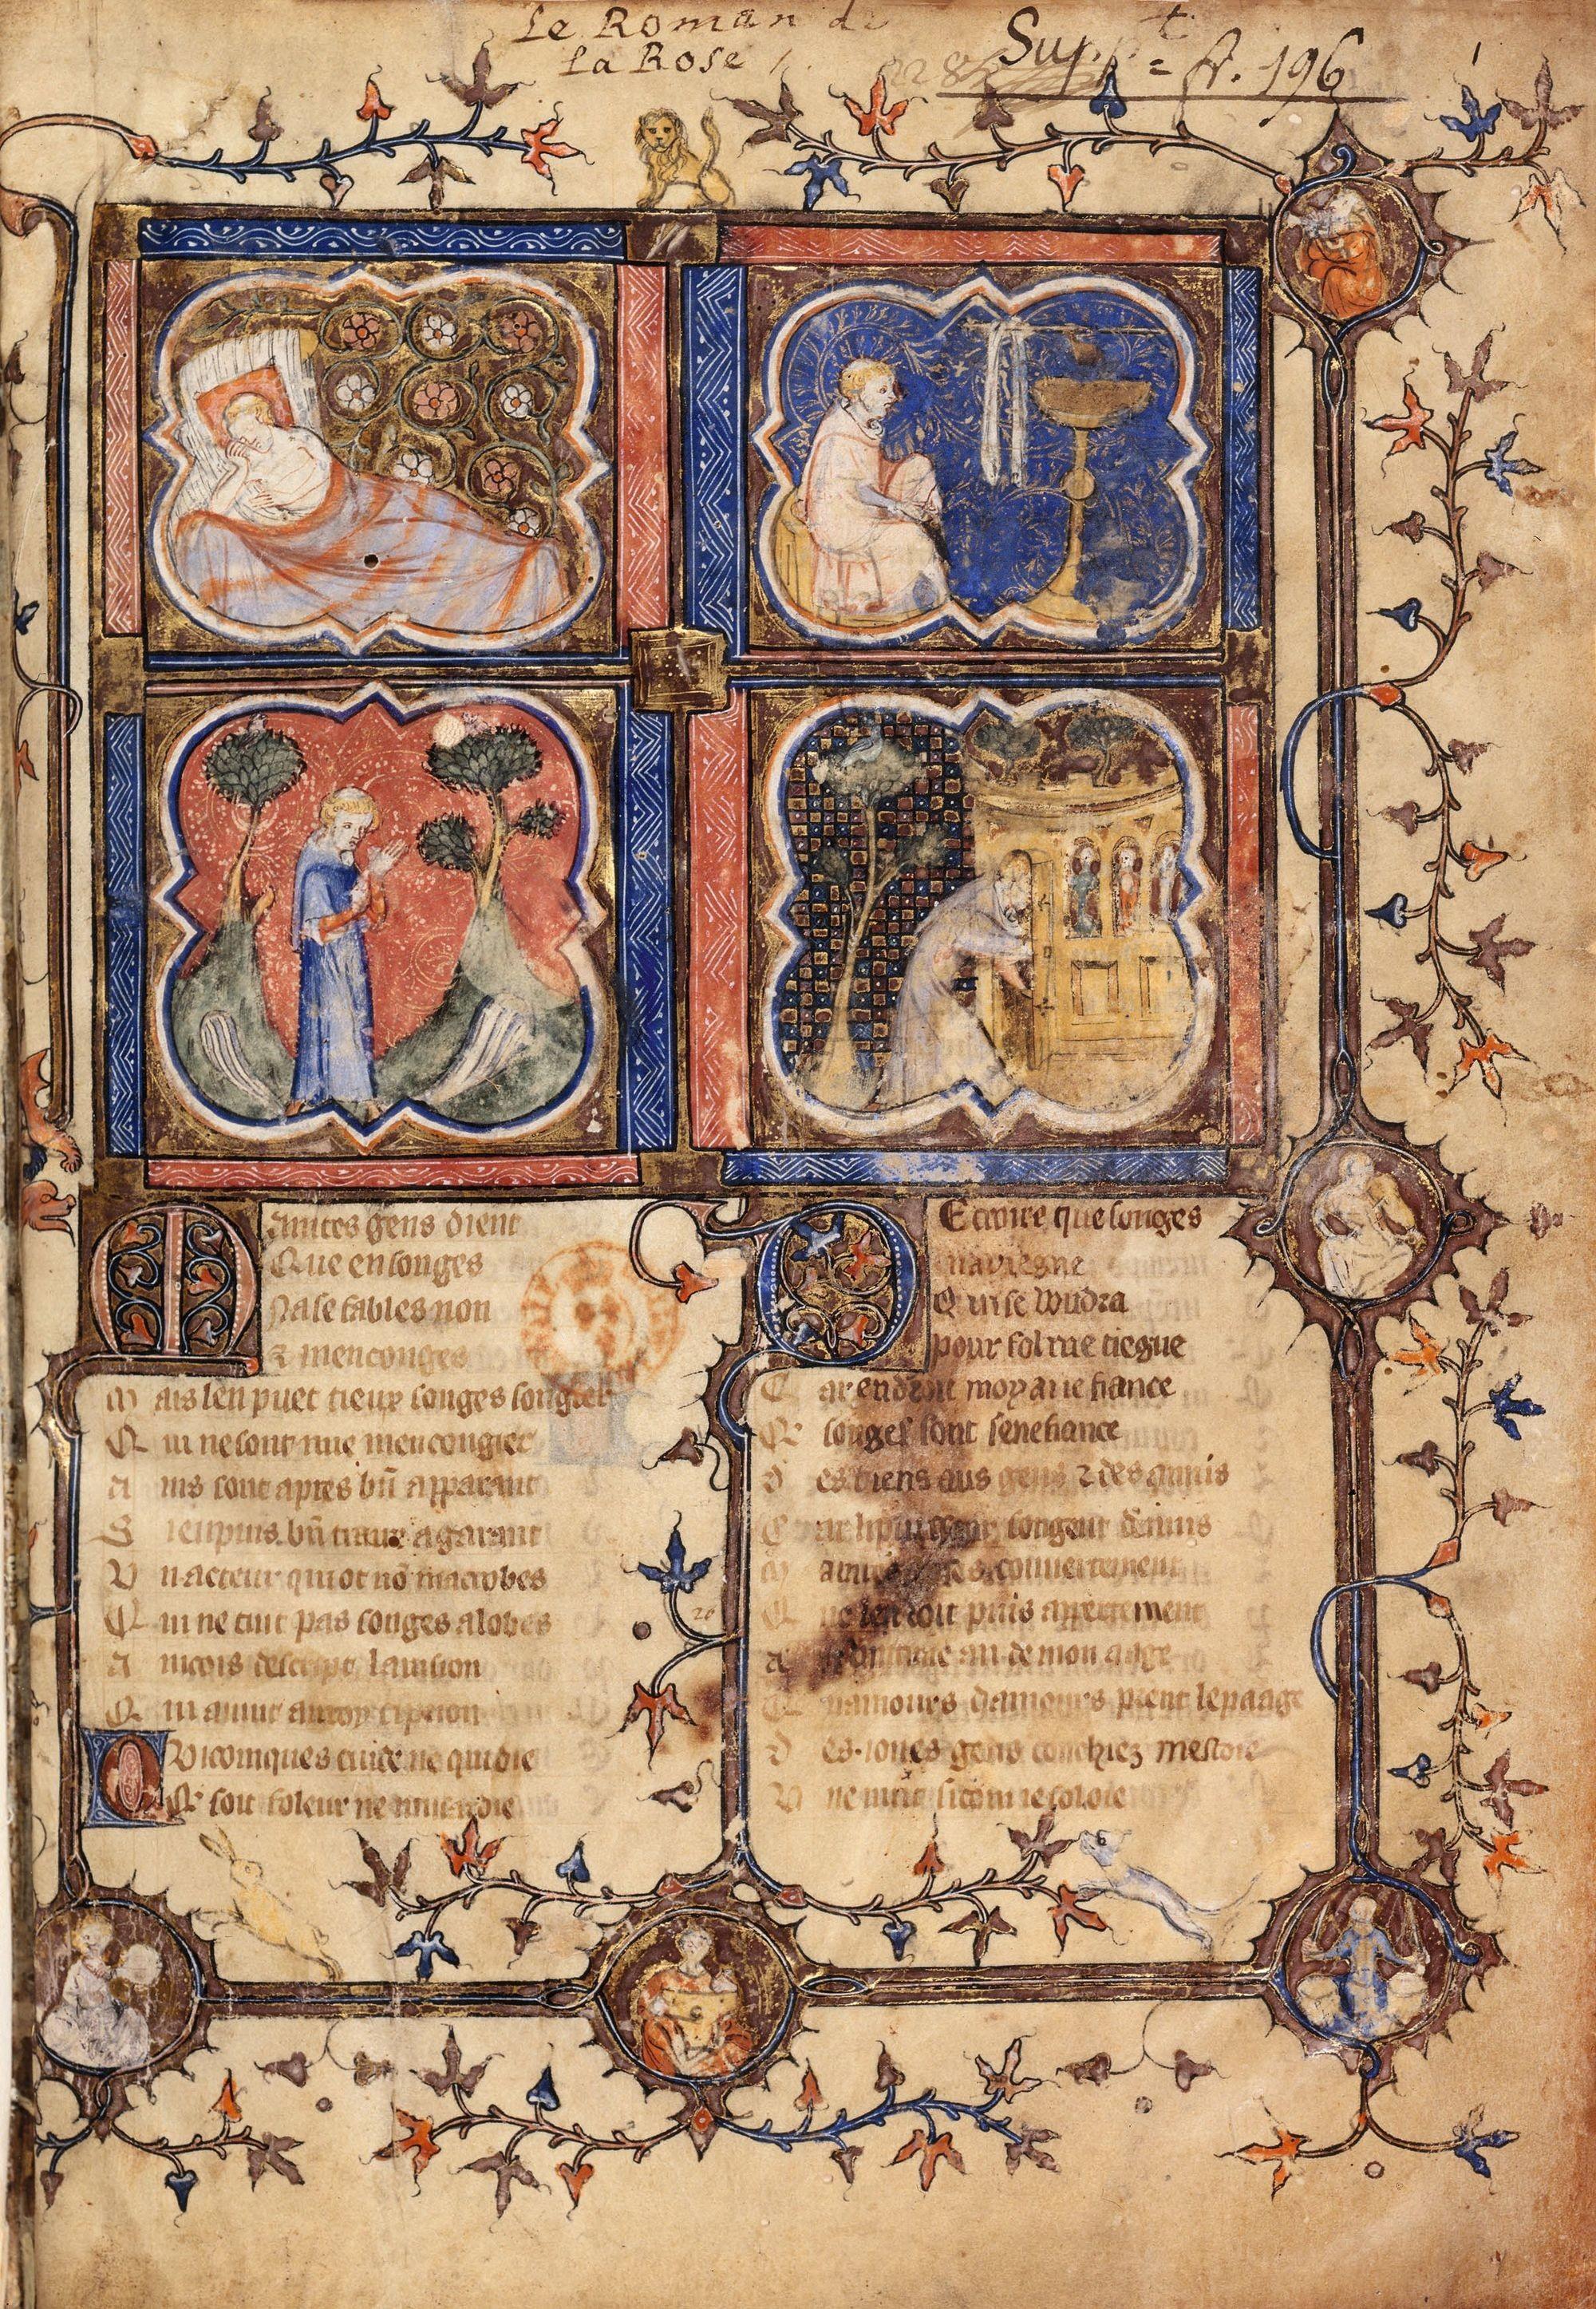 Guillaume de Lorris et Jean de Meung, Le Roman de la Rose, manuscrit du XIVe siècle